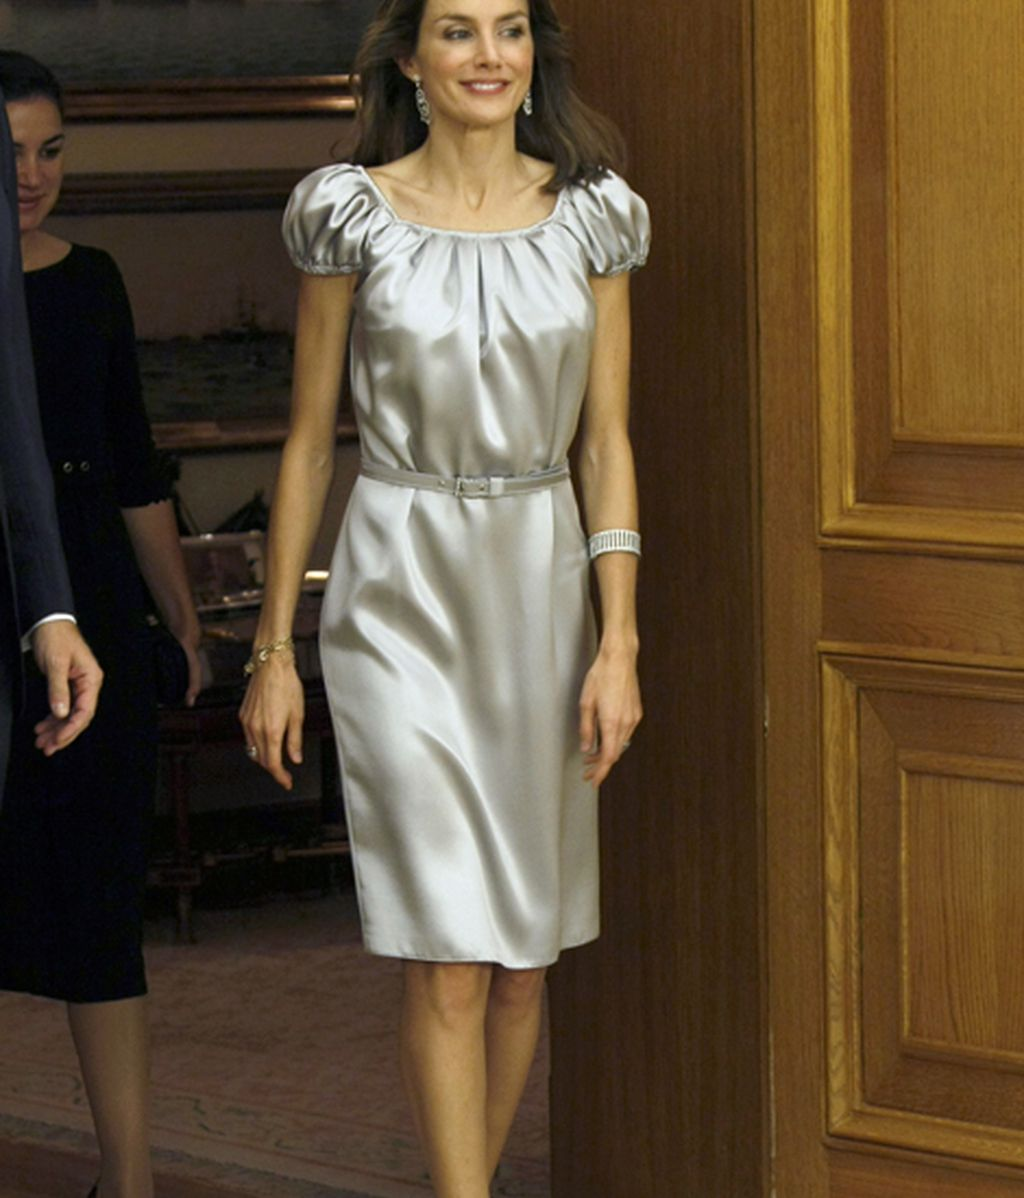 Los Príncipes están esforzándose por superar su crisis matrimonial, según Paloma Gª Pelayo